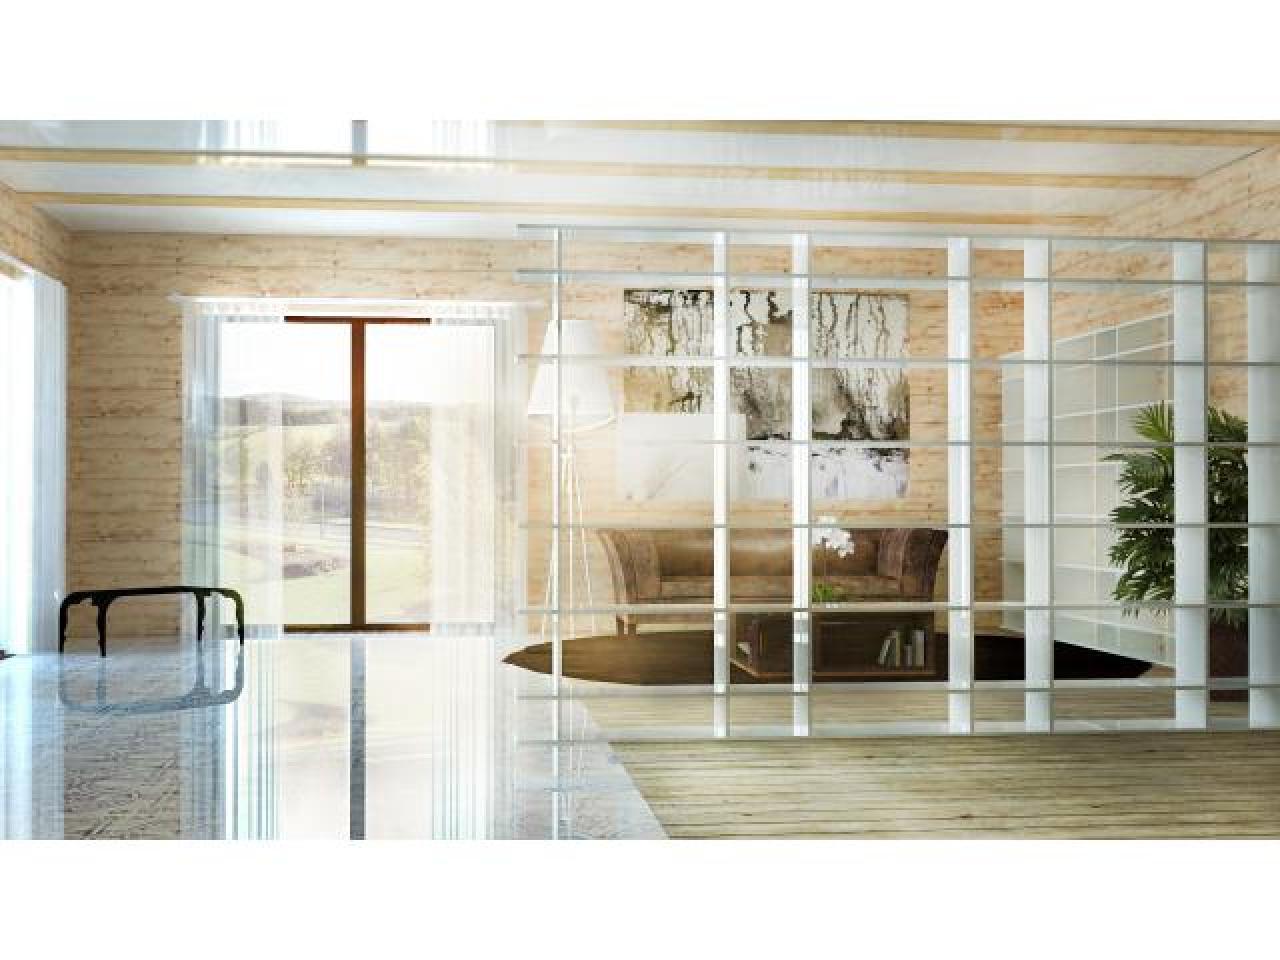 Проектирование домов, складов, интерьеров - 3